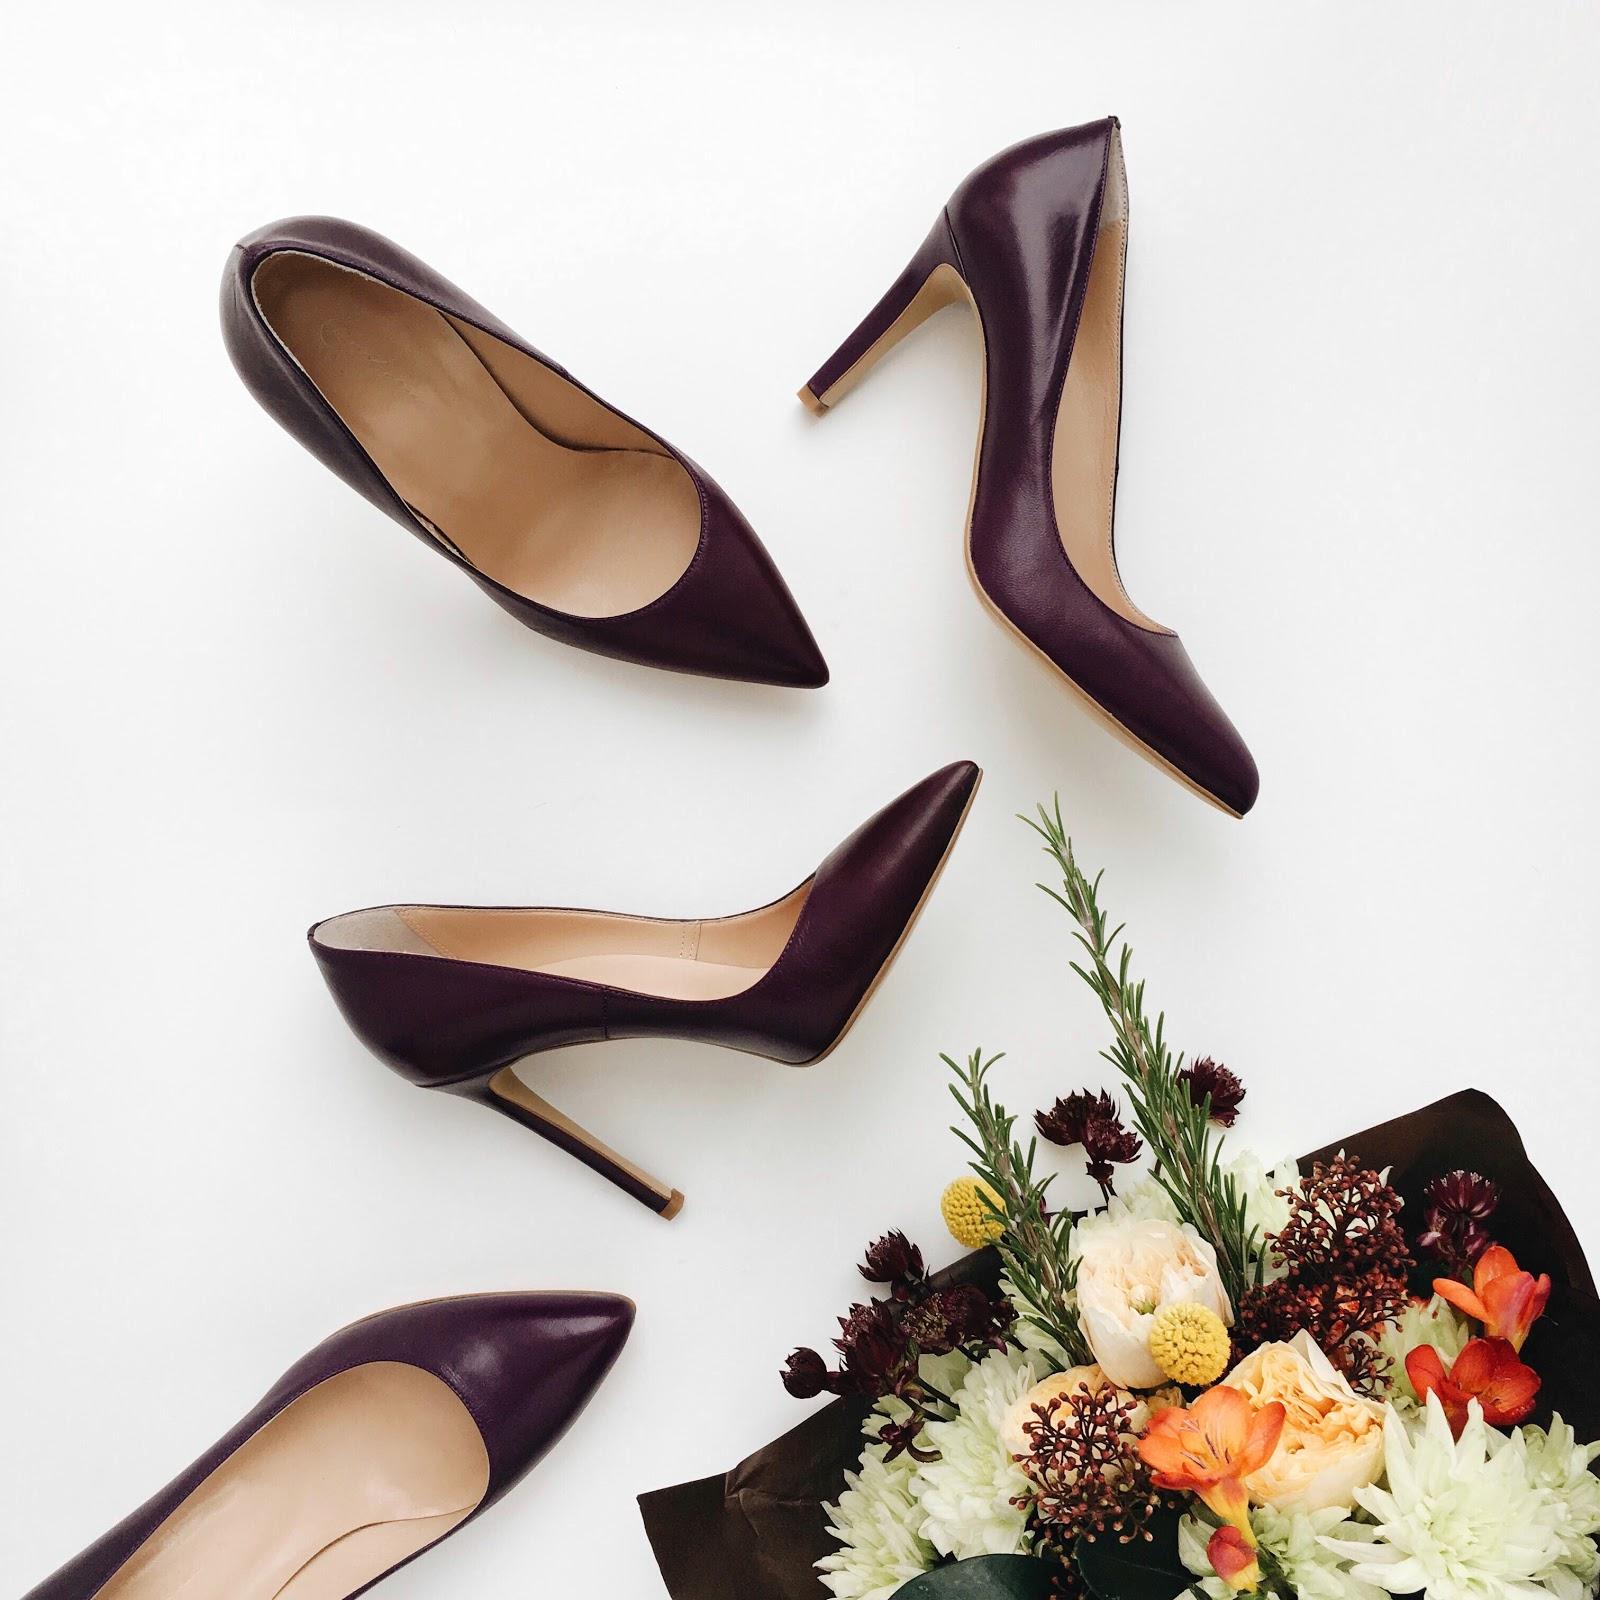 32bf9ff8f128df Давай тепер про індивідуальне замовлення поговоримо: у одному з інтерв'ю ти  казала, що буває – до вас приходять із картинкою взуття, і ви маєте  пояснити ...